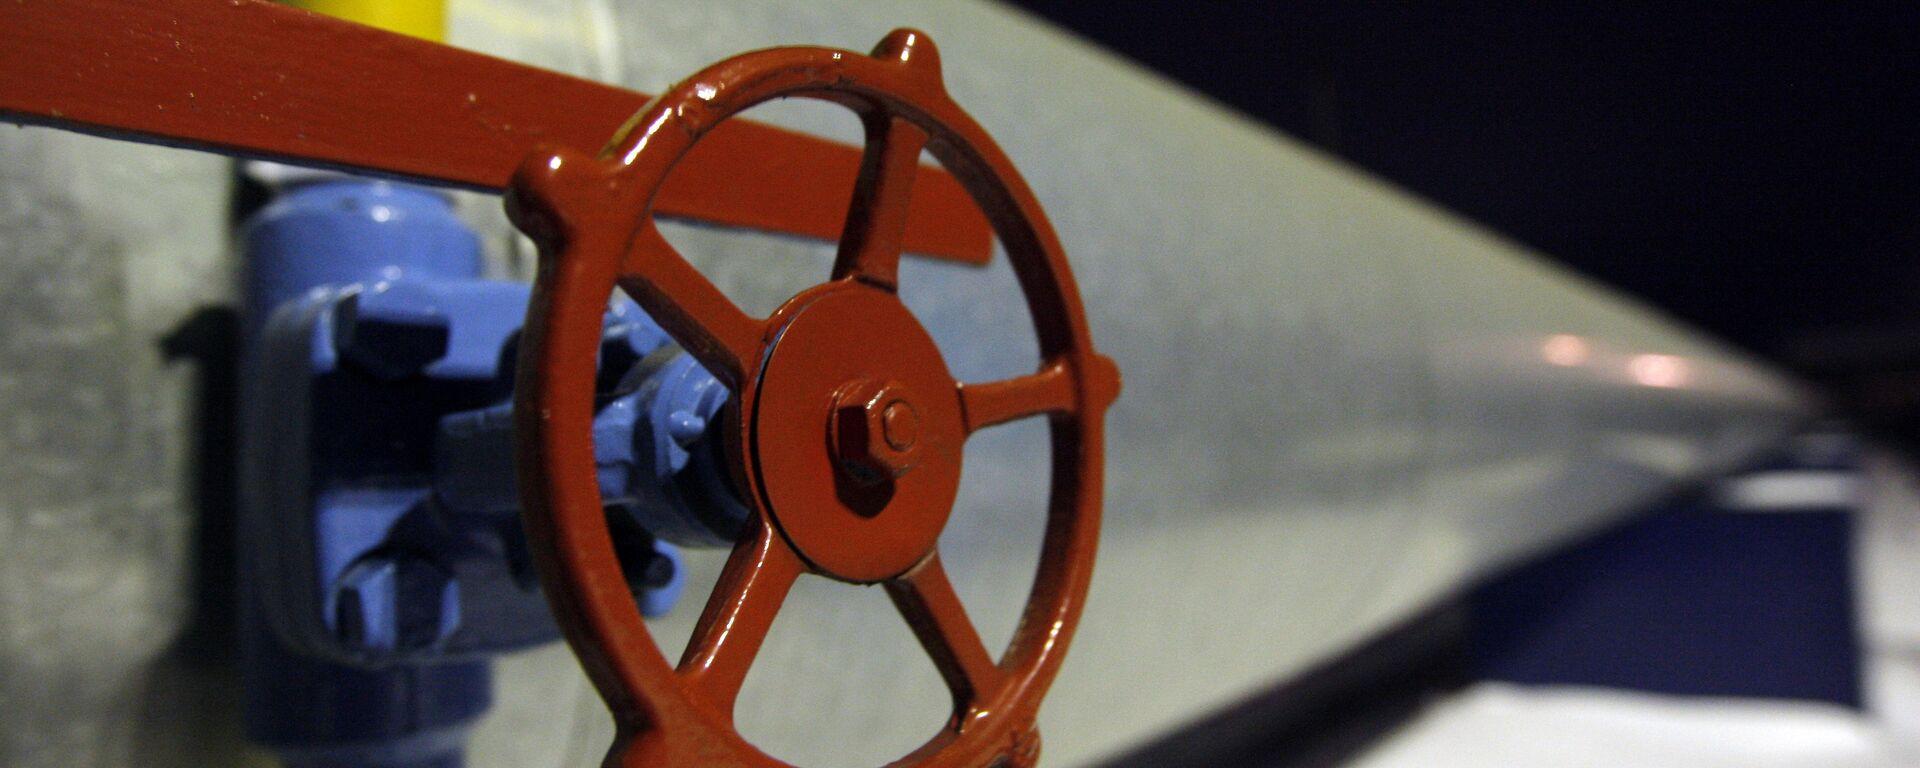 Una tubería de gas (imagen referencial) - Sputnik Mundo, 1920, 12.10.2021